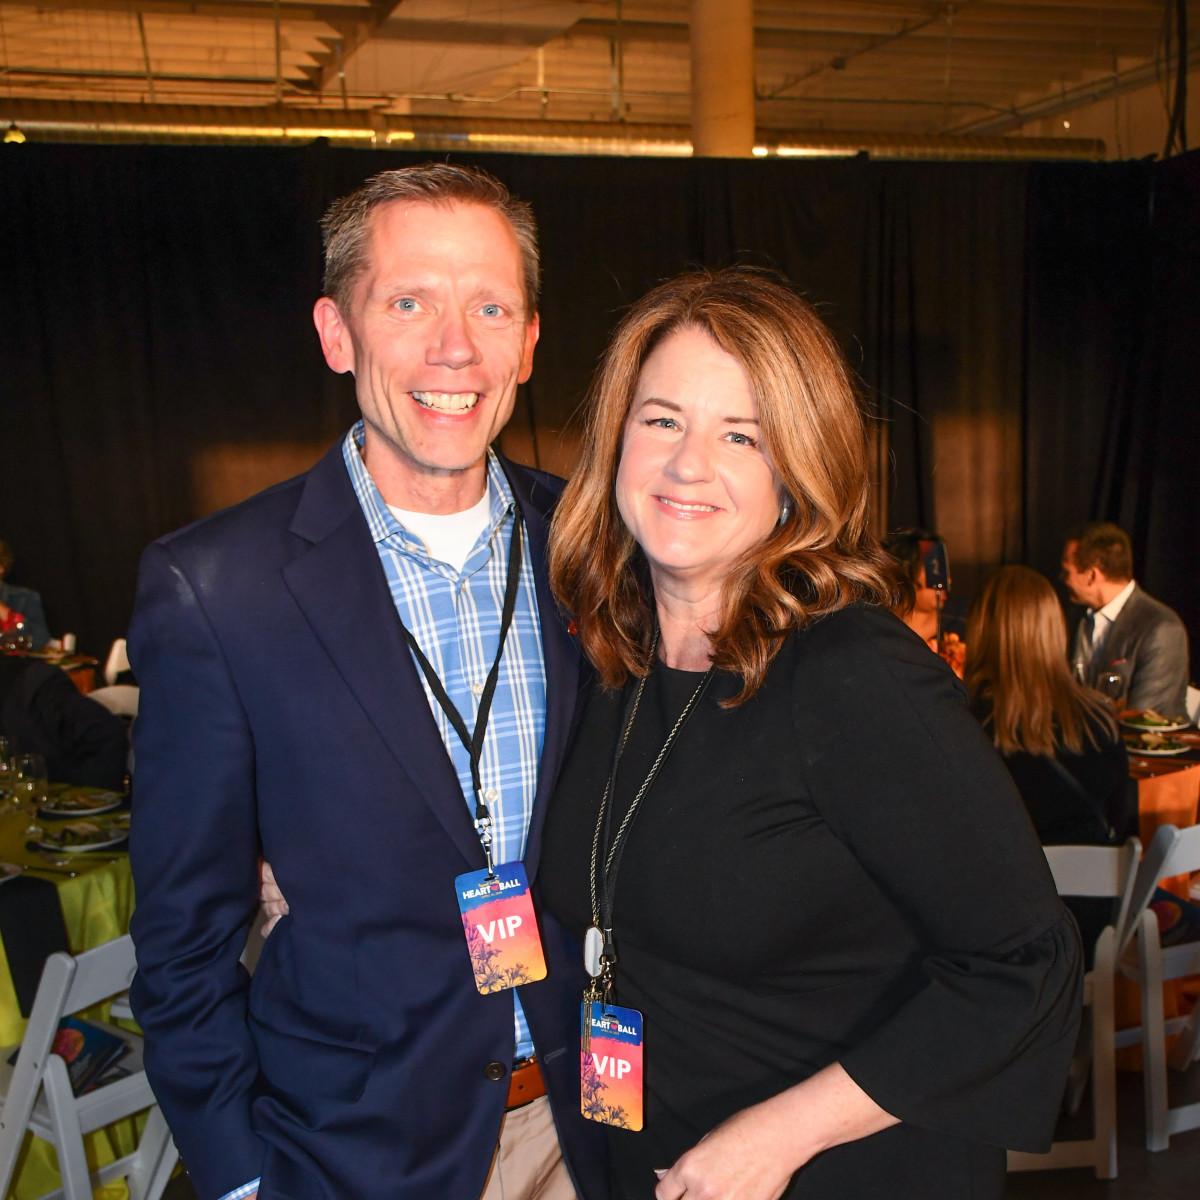 Mark and Julie Schulze, Tarrant Heart Ball